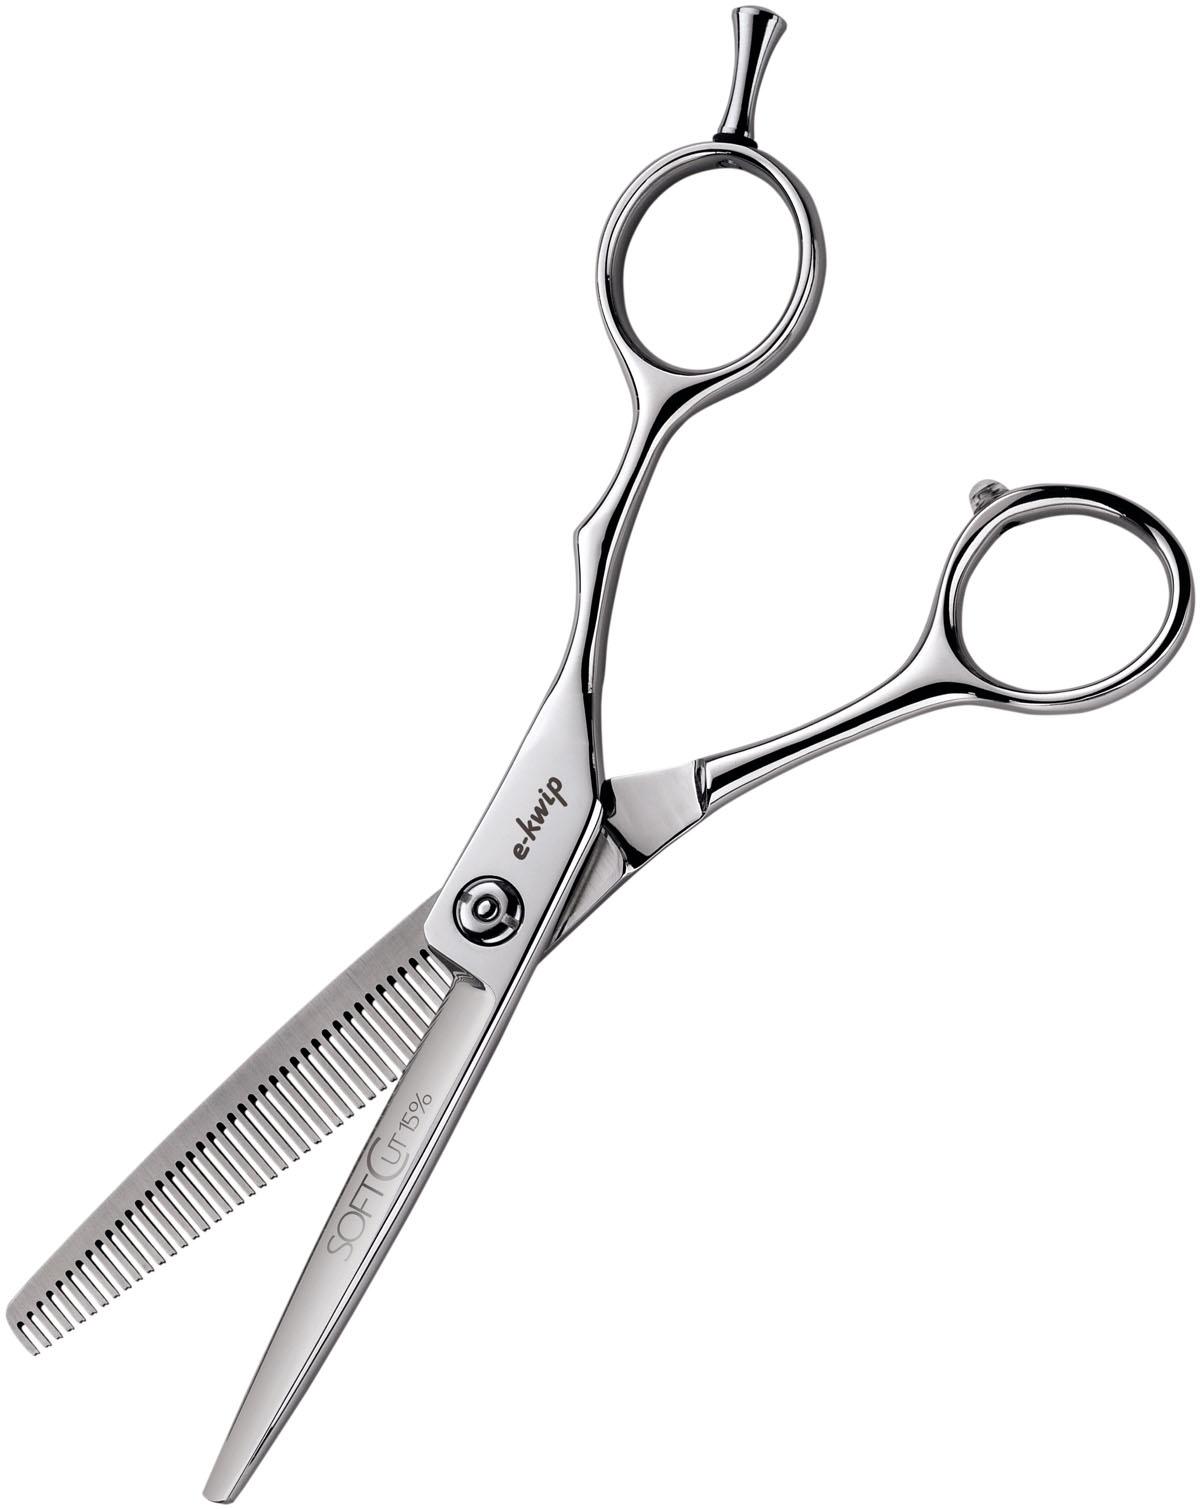 e-kwip Haarschere SC 15 HA-0417